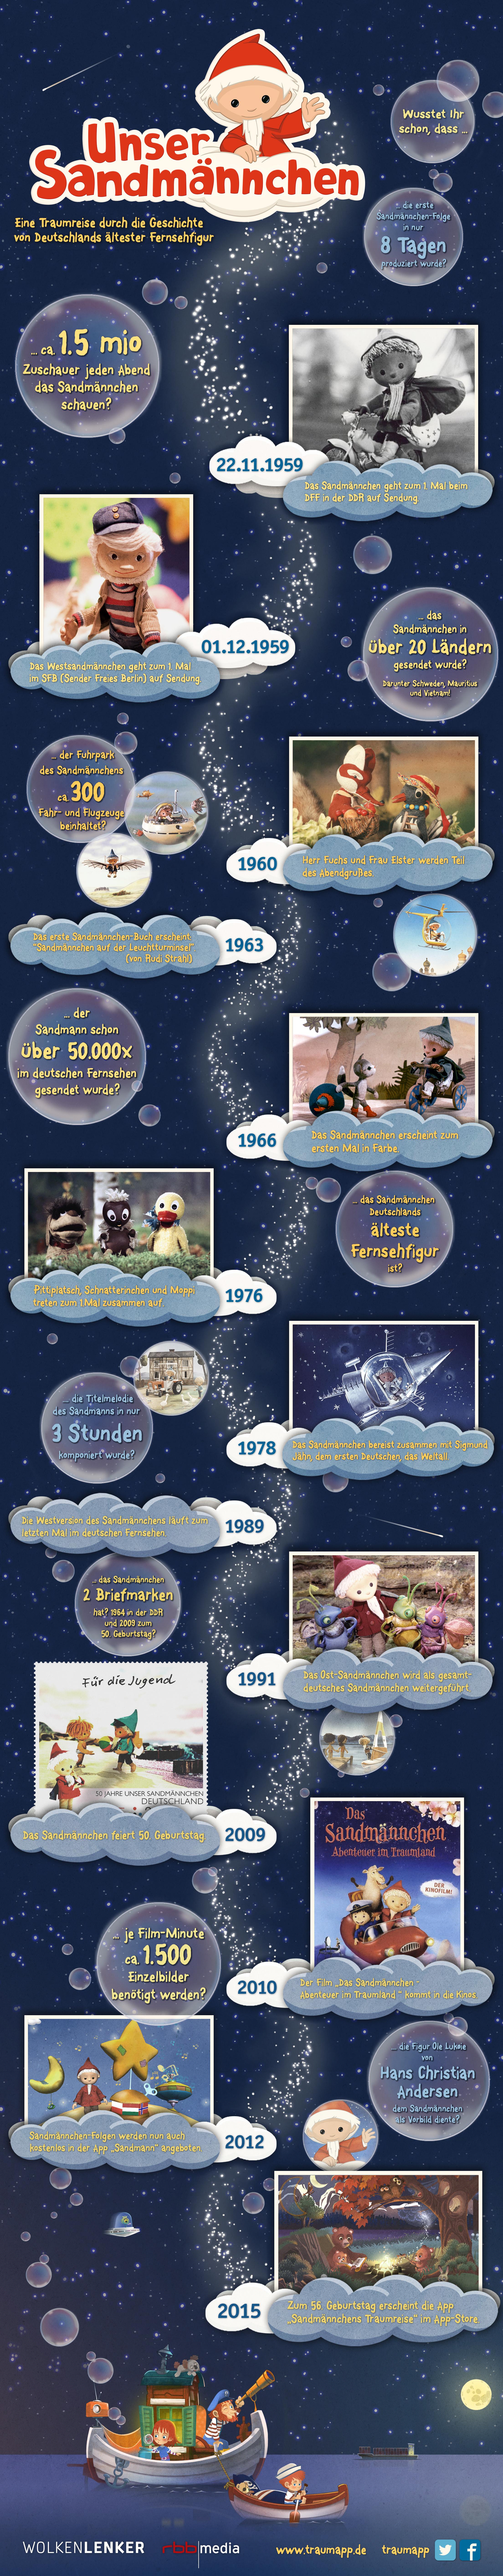 Infografik - Sandmänchens Traumreise